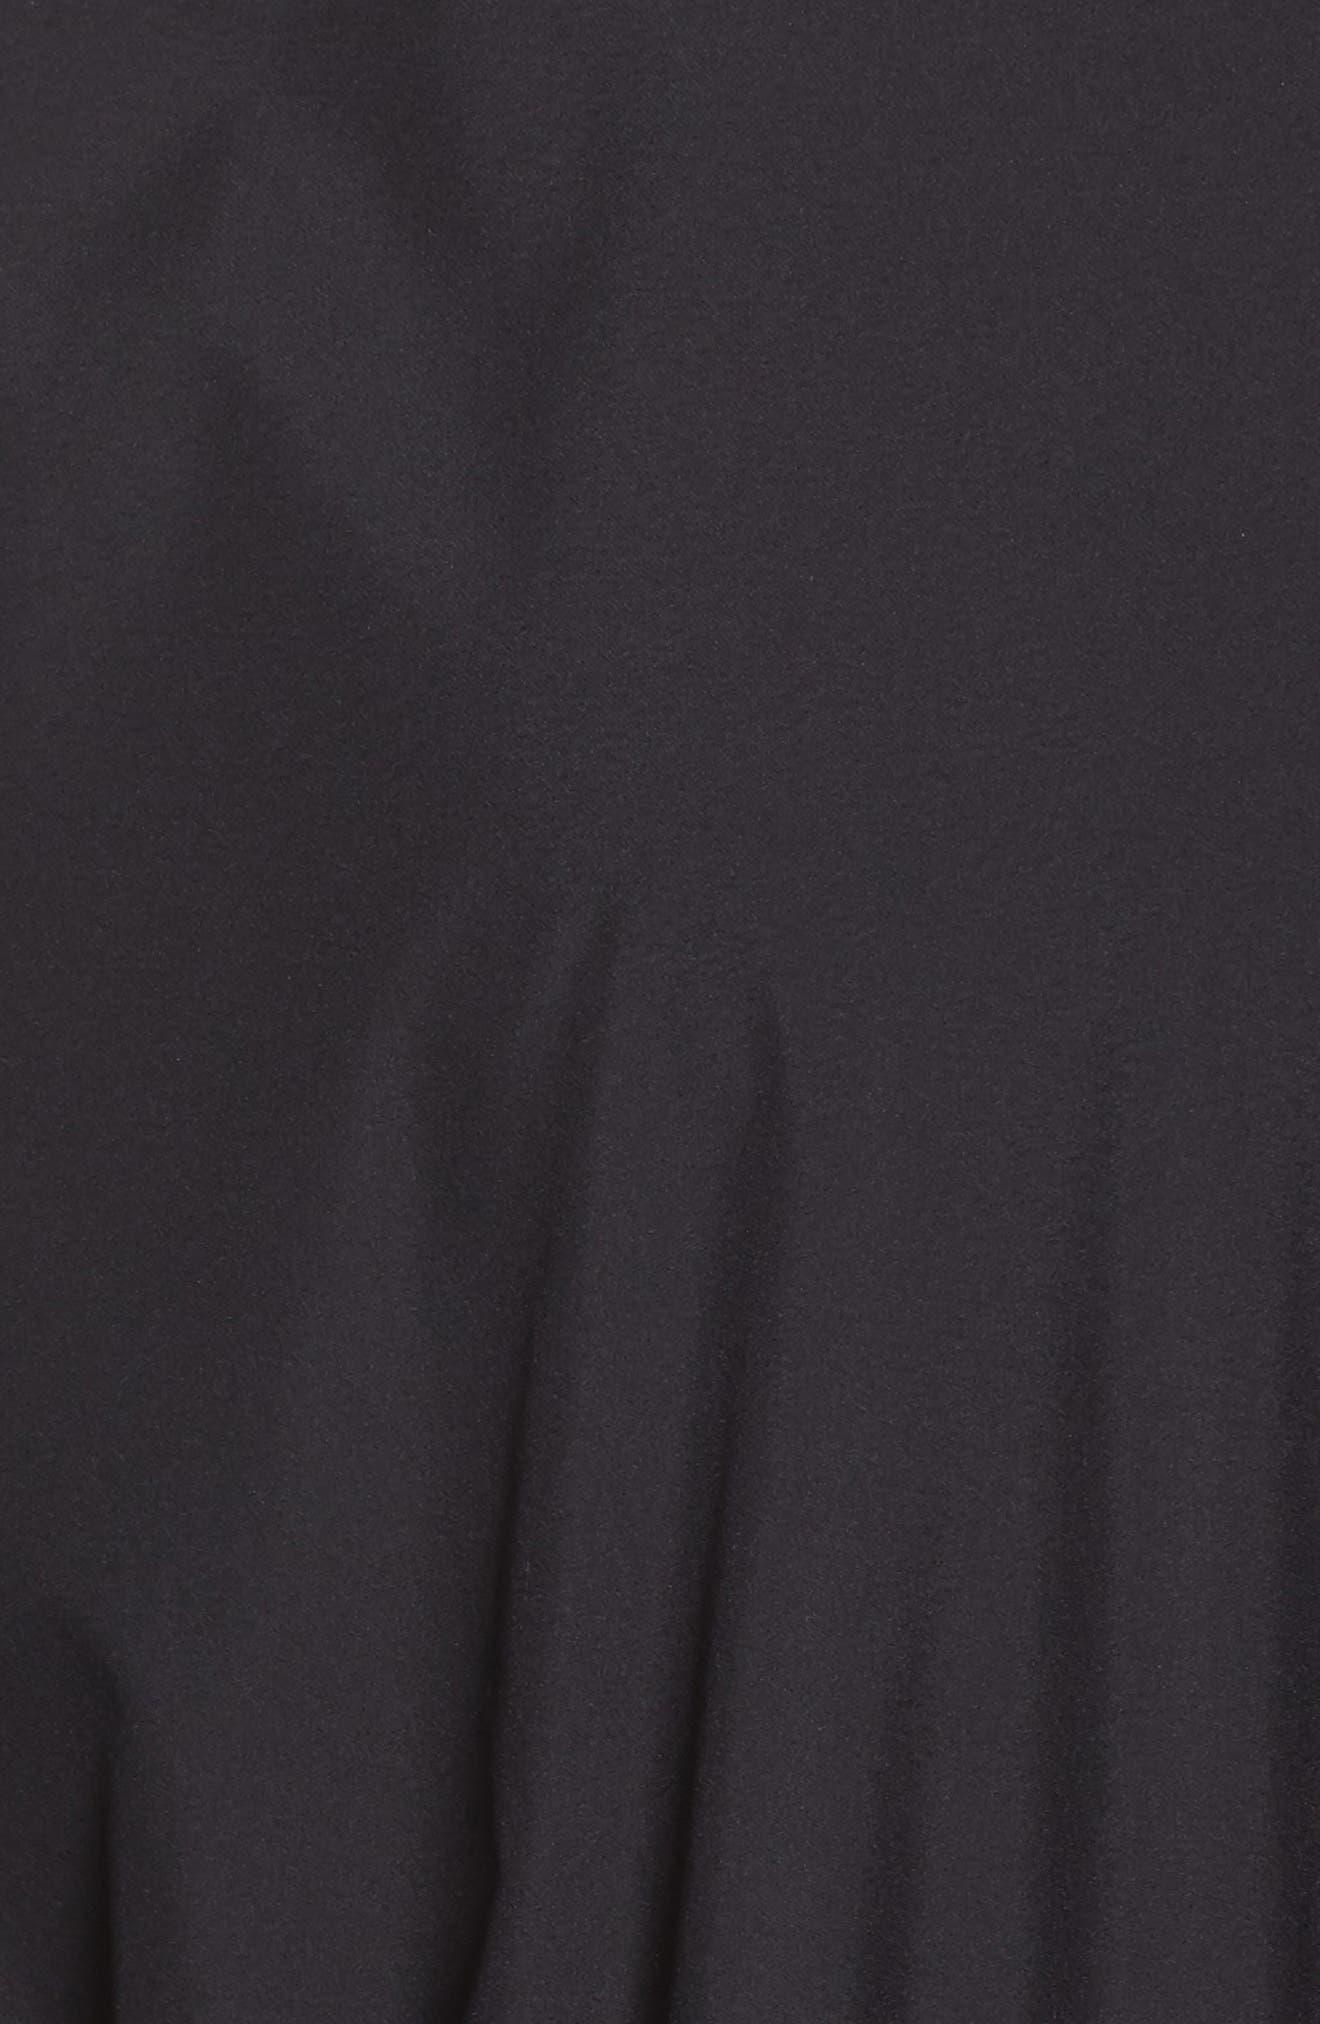 Evo Foldable Windrunner Jacket,                             Alternate thumbnail 14, color,